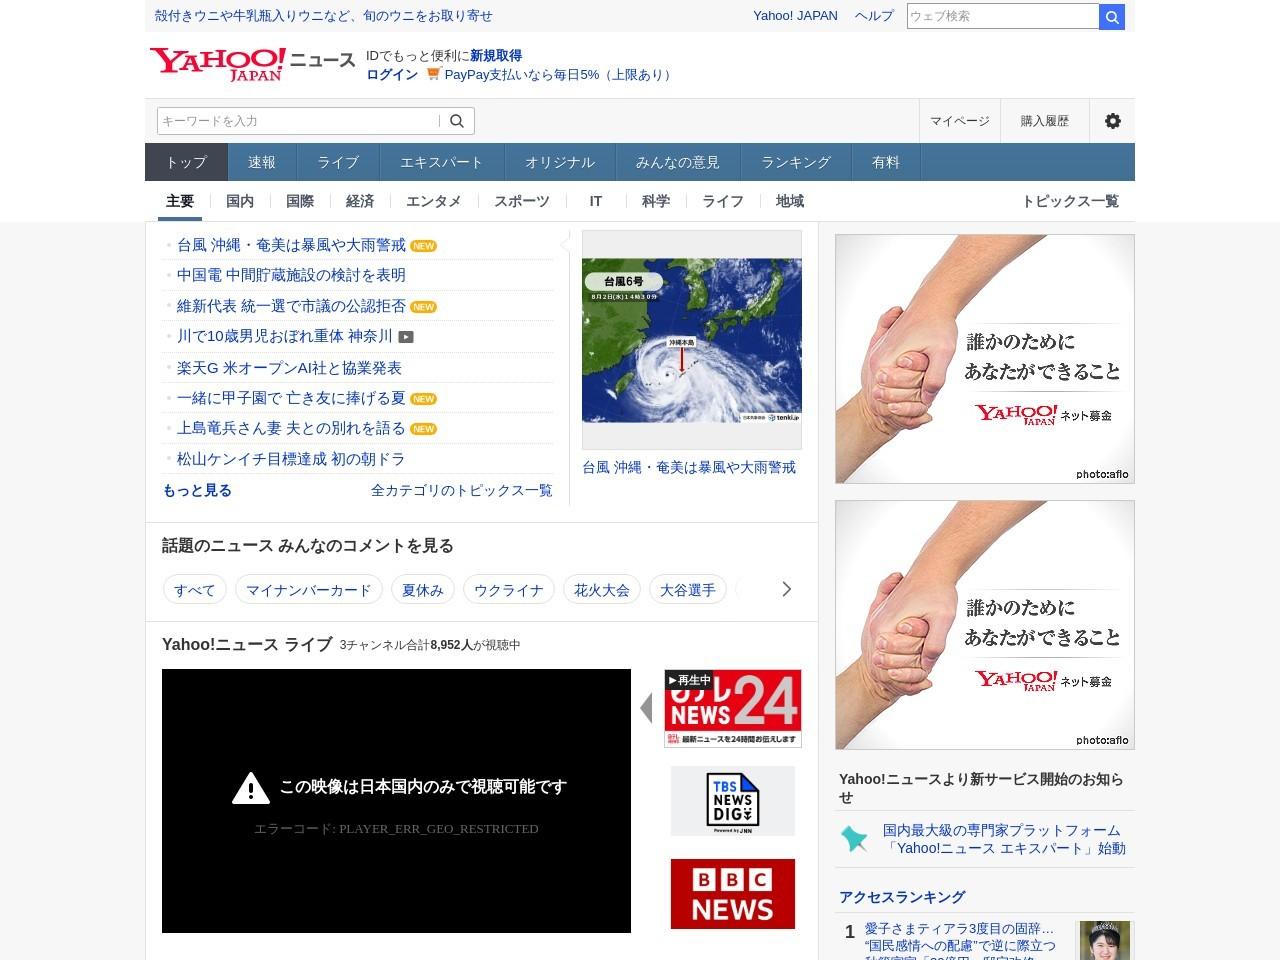 7万円ステーキ汚職の総務省が「文春にリークした犯人捜し」に血眼になっている(NEWSポストセブン) - Yahoo!ニュース